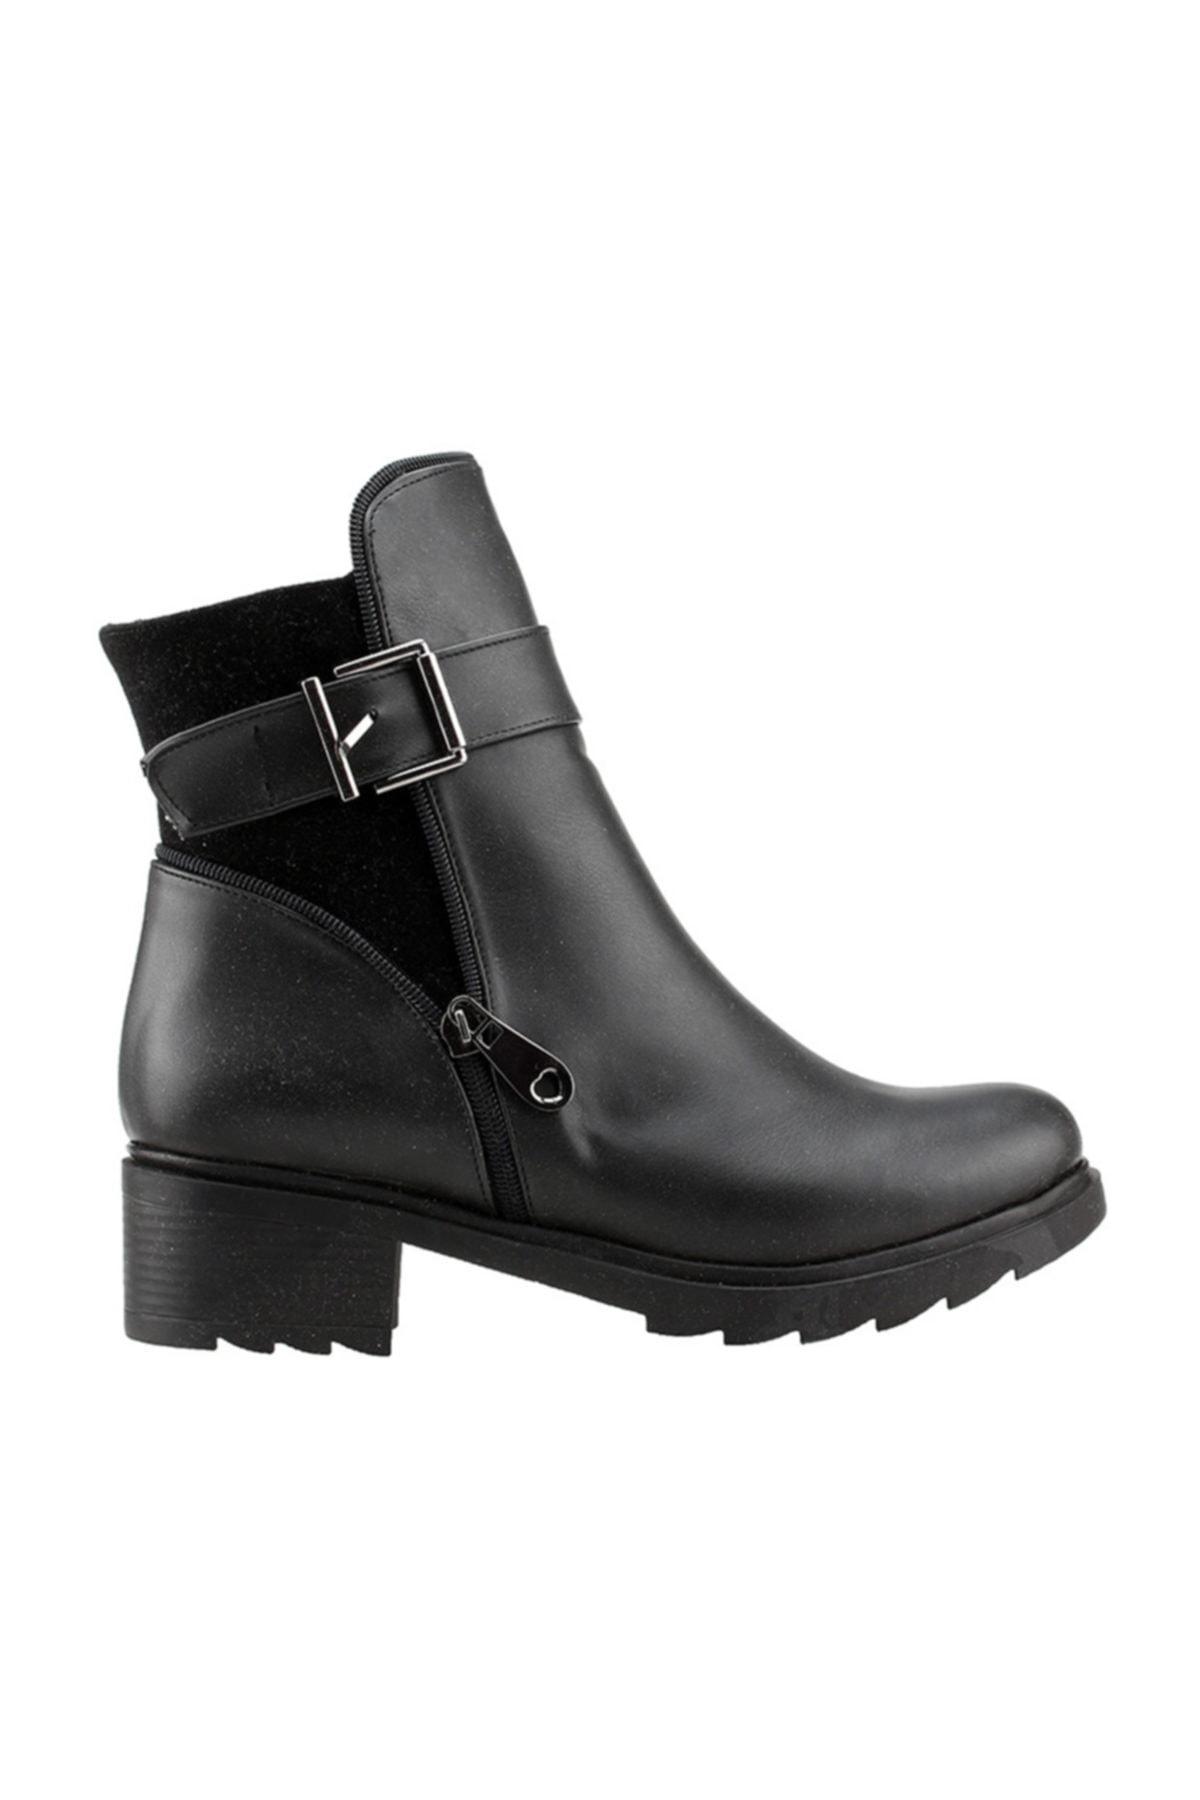 Ayakland Siyah Günlük 4cm Topuk Fermuarlı Bayan Cilt Bot Ayakkabı 3883-823 1